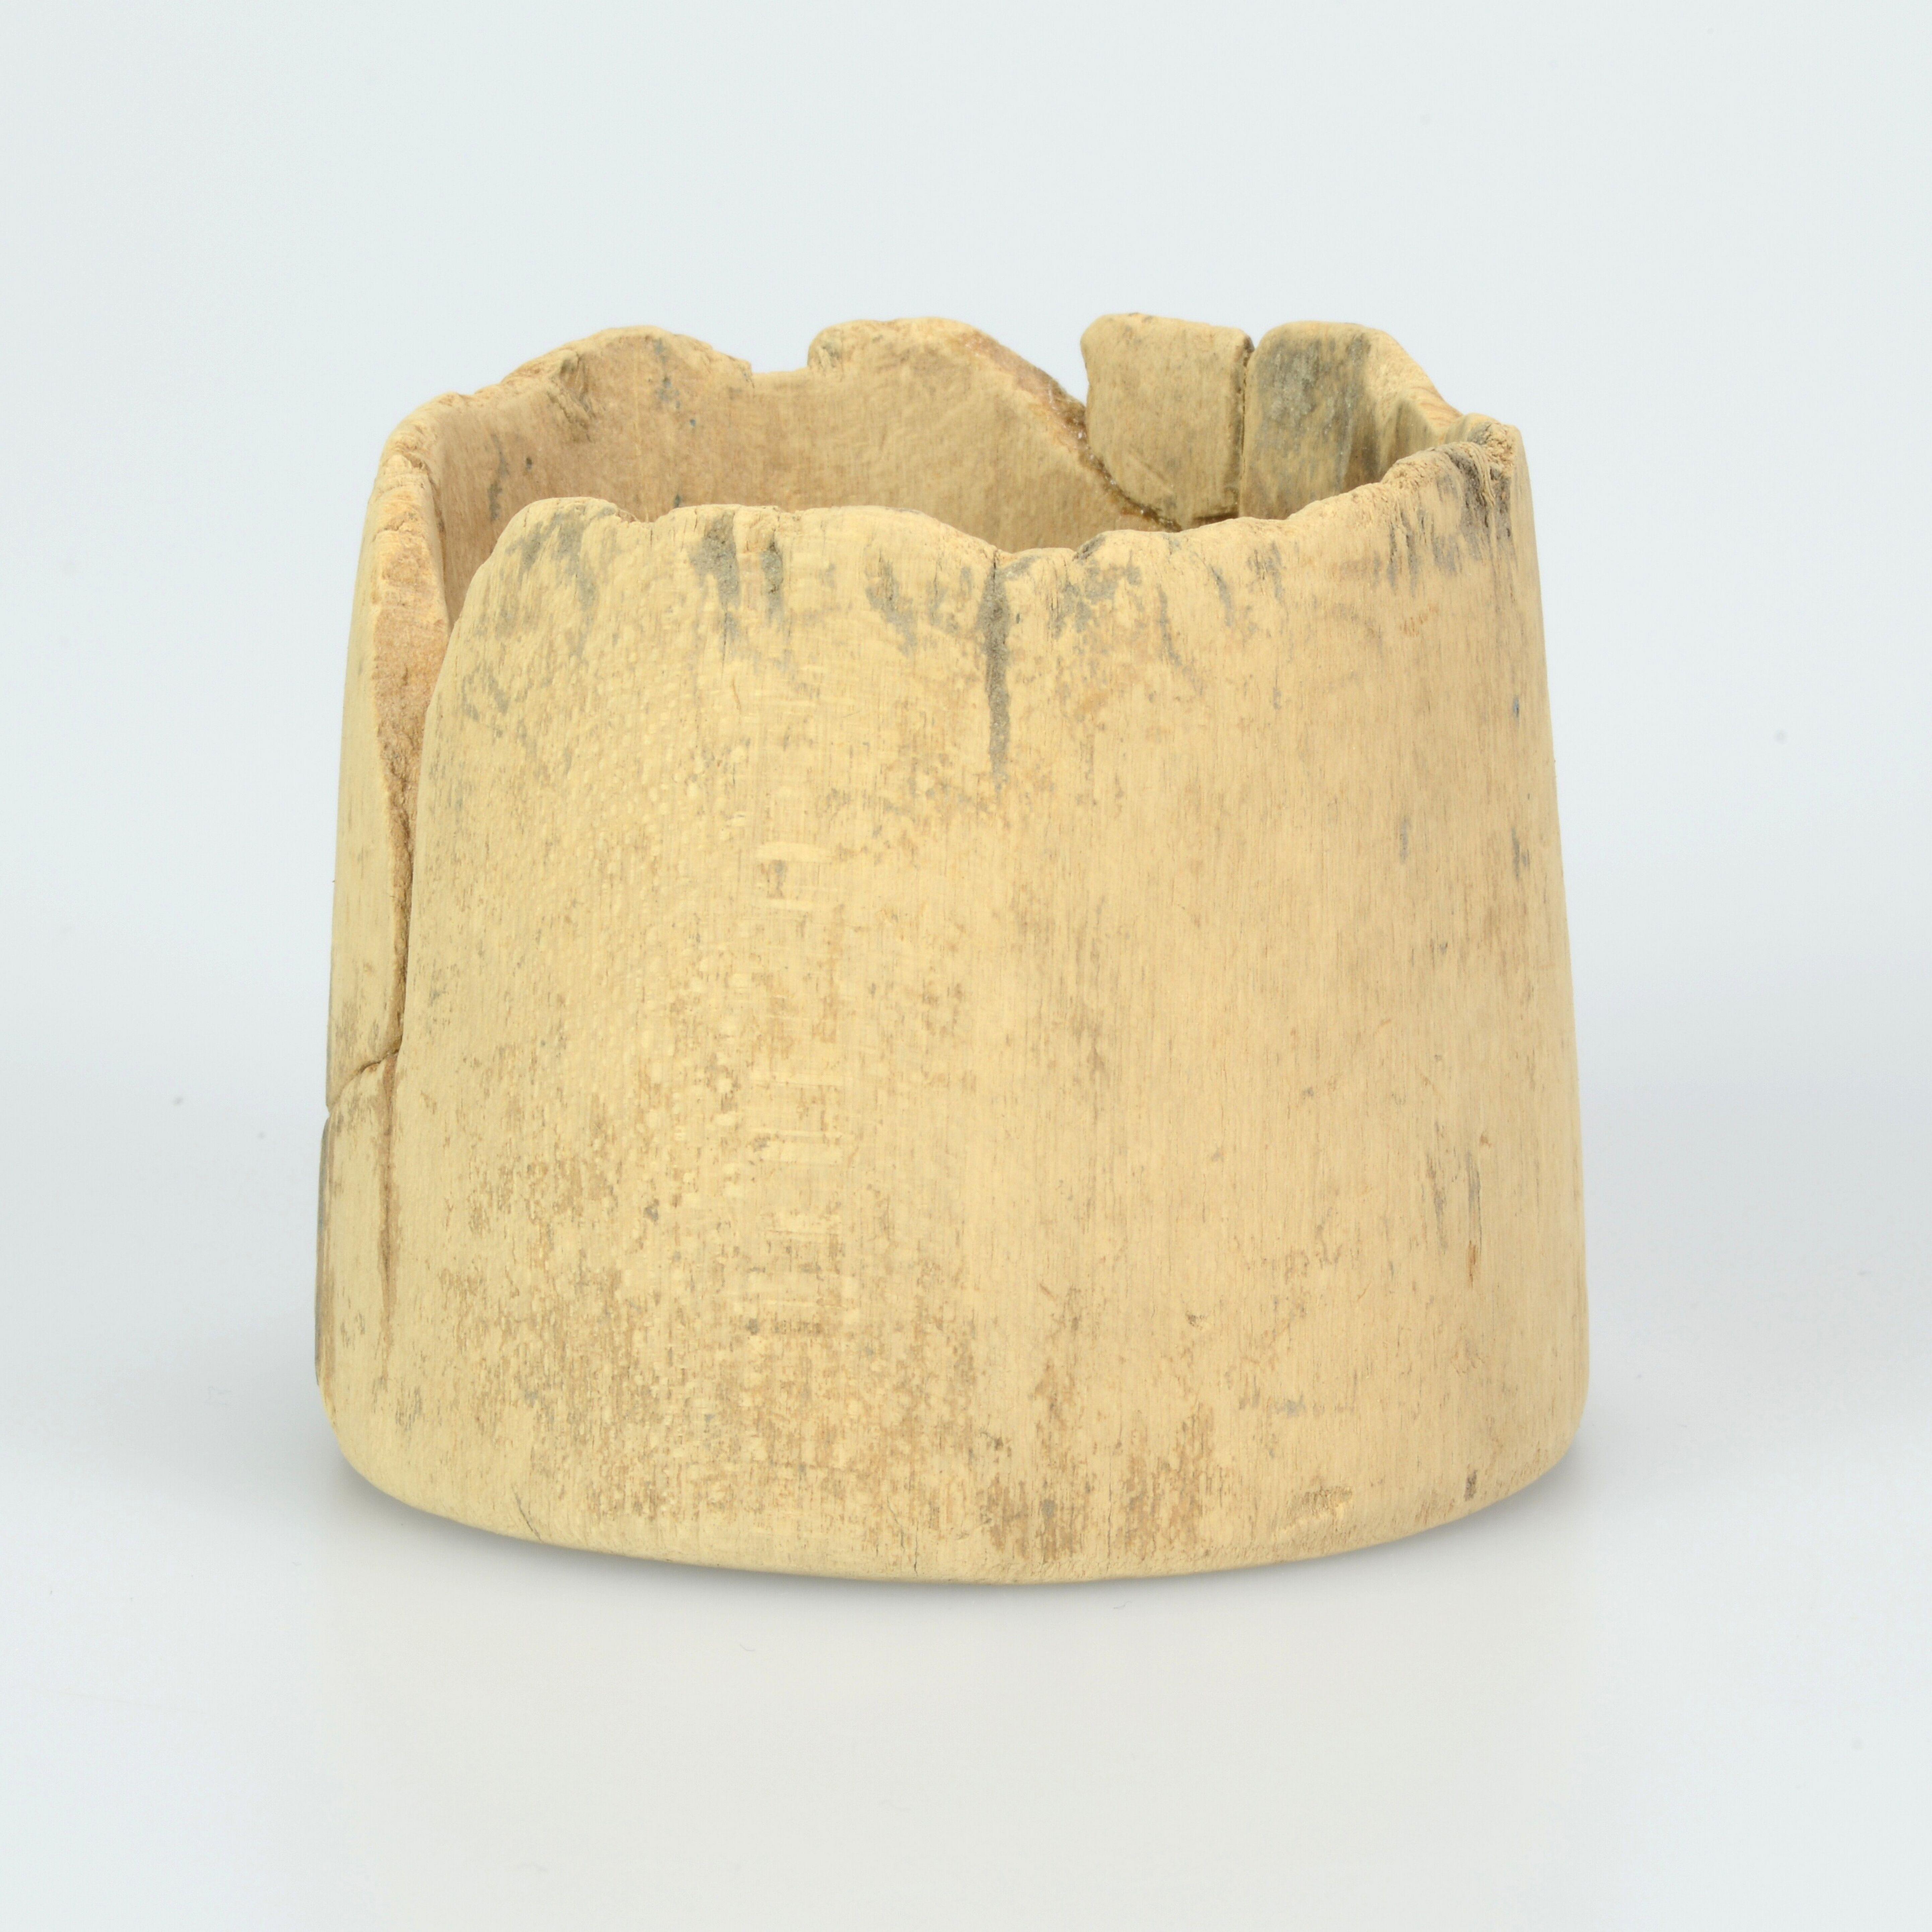 Beukenhouten potje, Vondst, Archeologie, Beverwijk